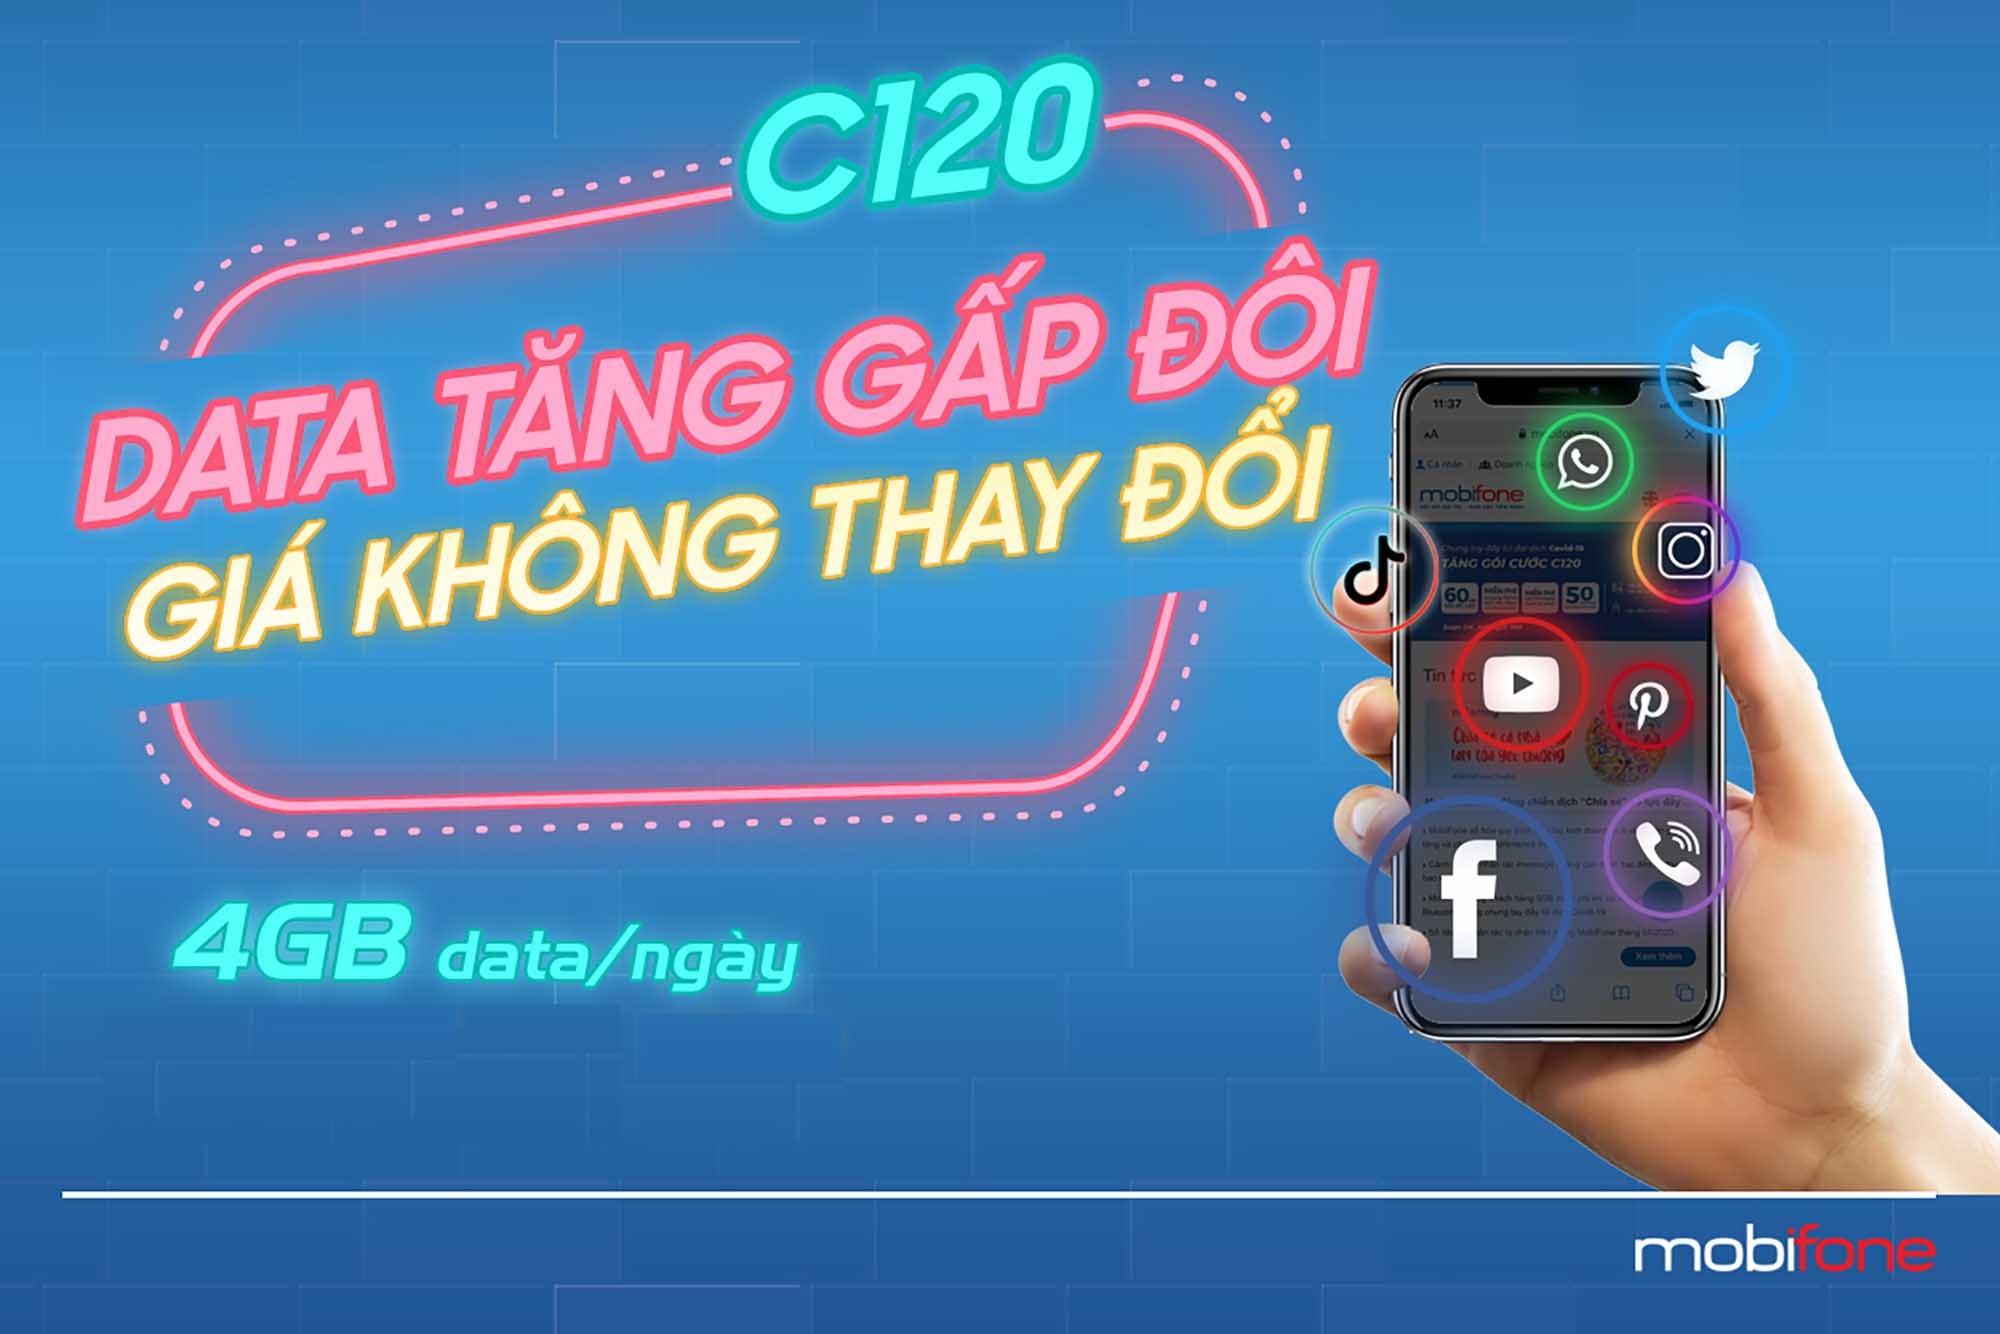 Lướt web, gọi điện 'thả ga' với C120 của MobiFone